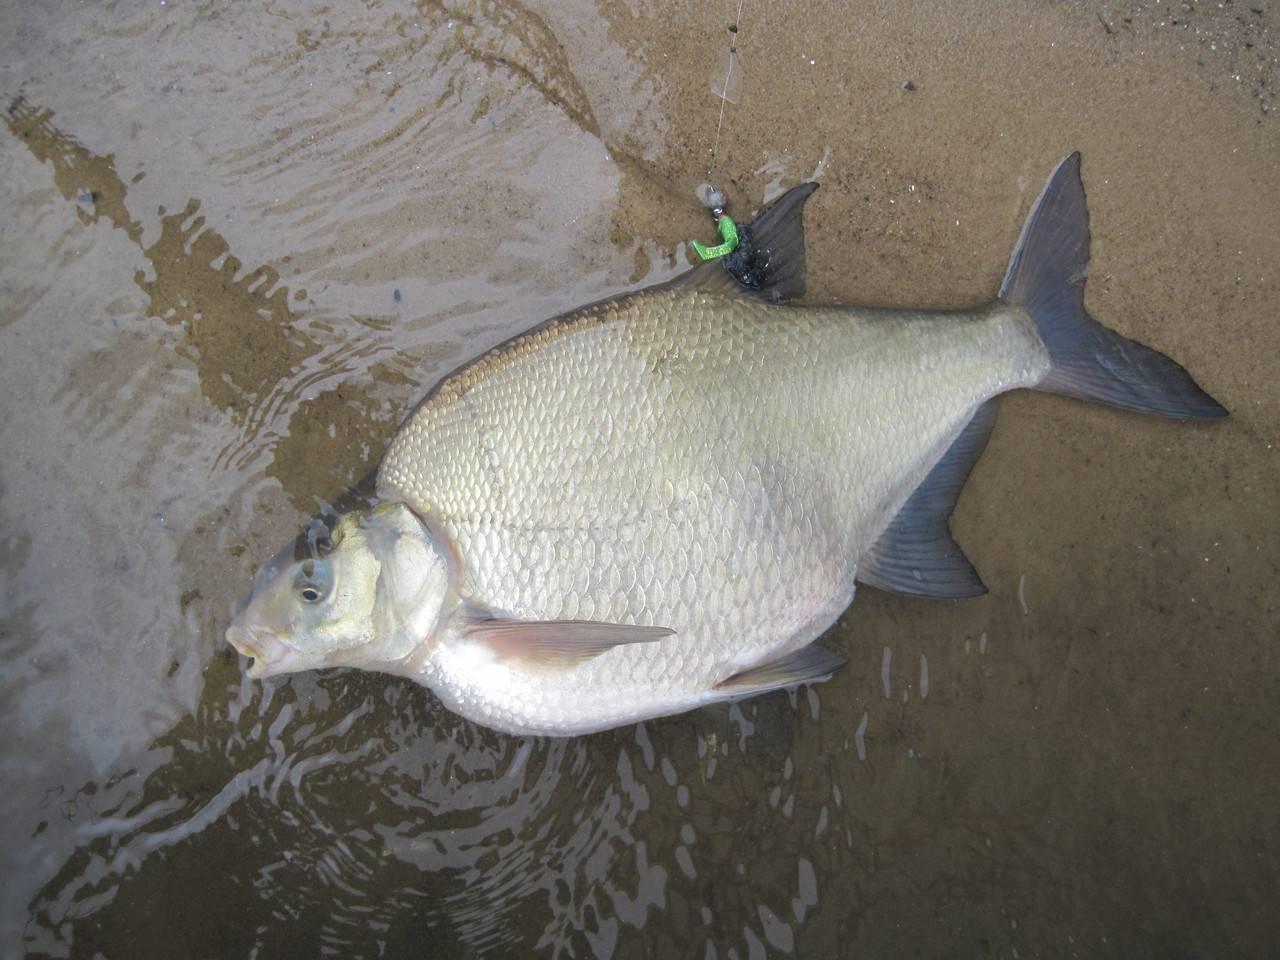 Рыба лещ: фото, как выглядит, описание и разновидности, костлявая или нет